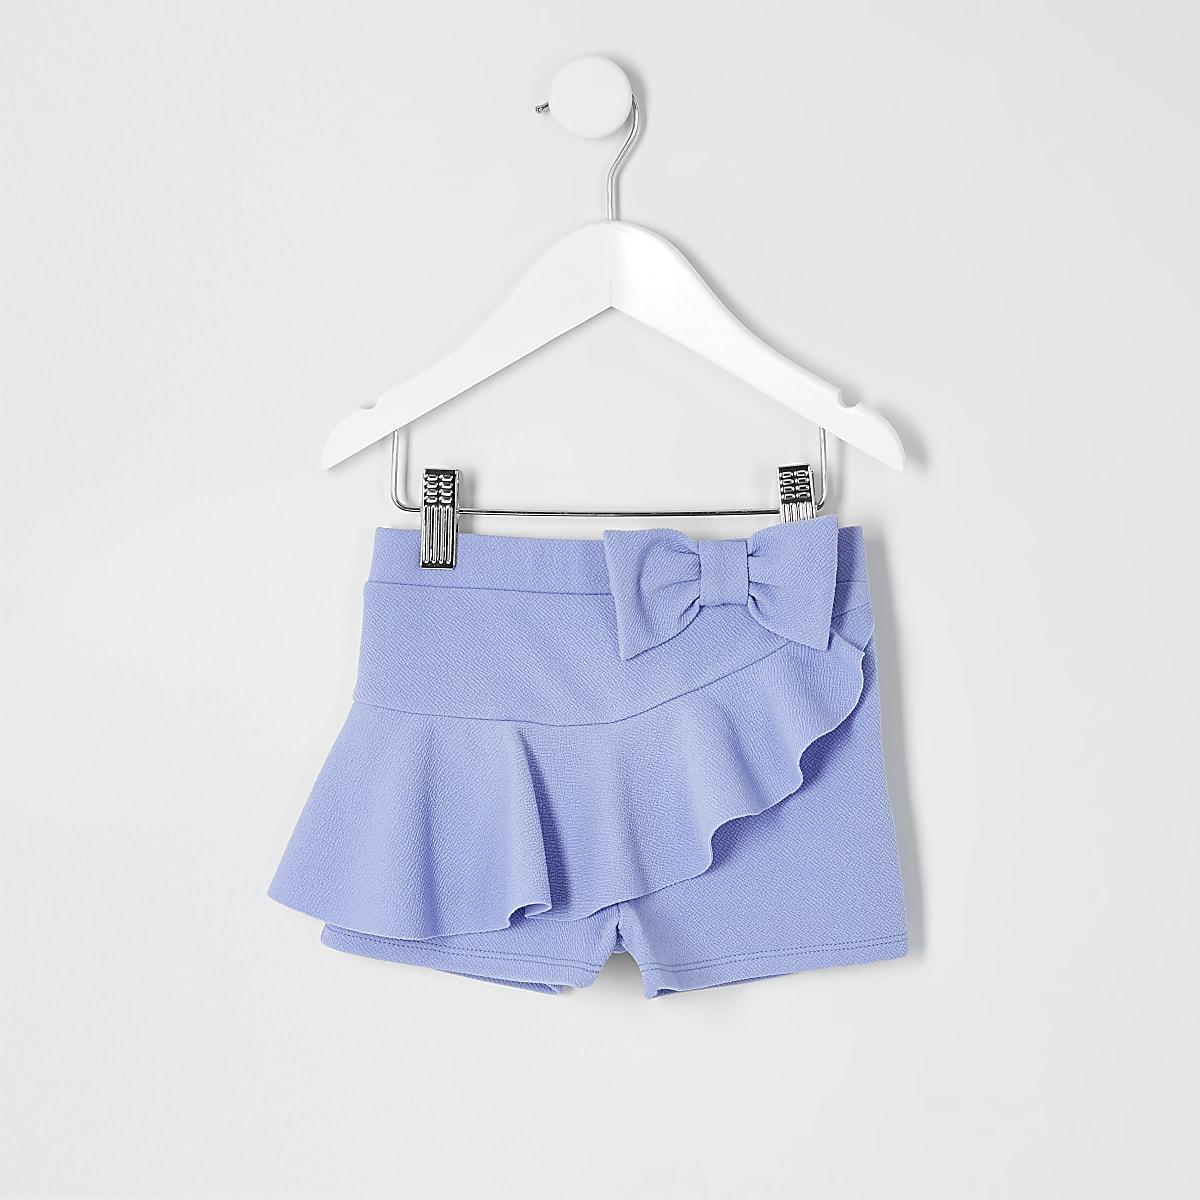 Mini - Blauwe short met ruches en strik voor meisjes